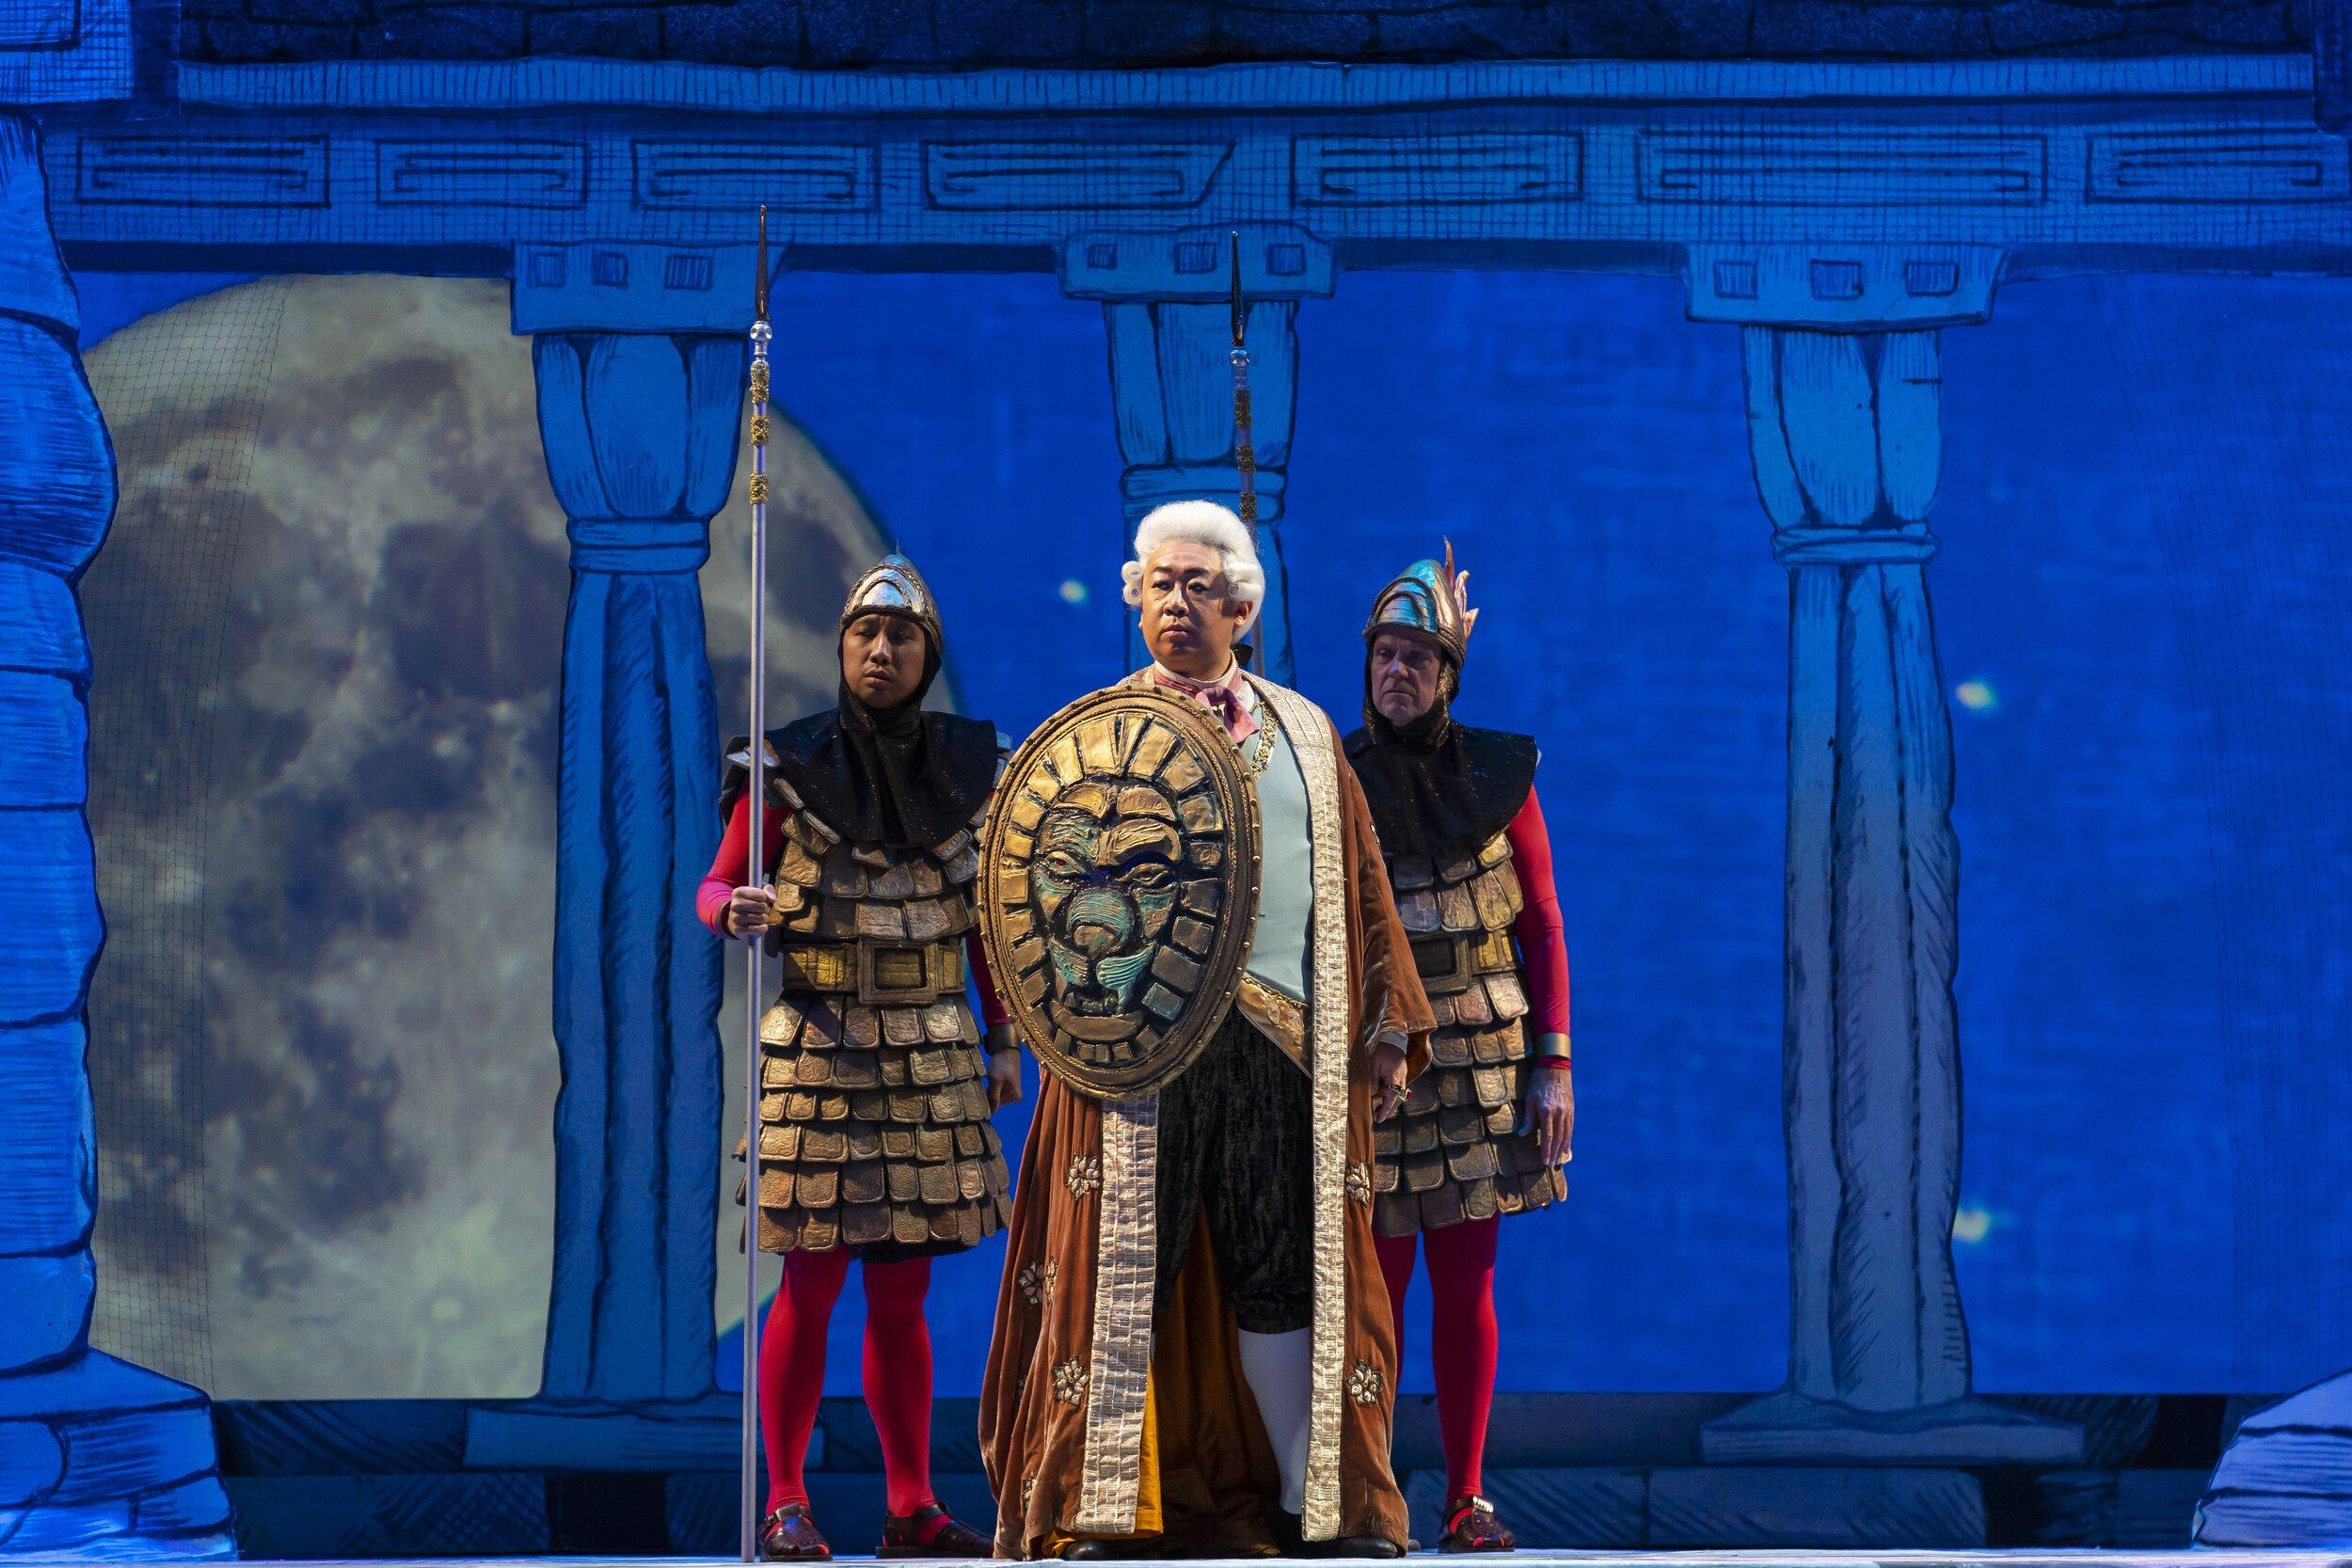 Wei Wu as Sarastro. Photo by Scott Suchman; courtesy of Washington National Opera.